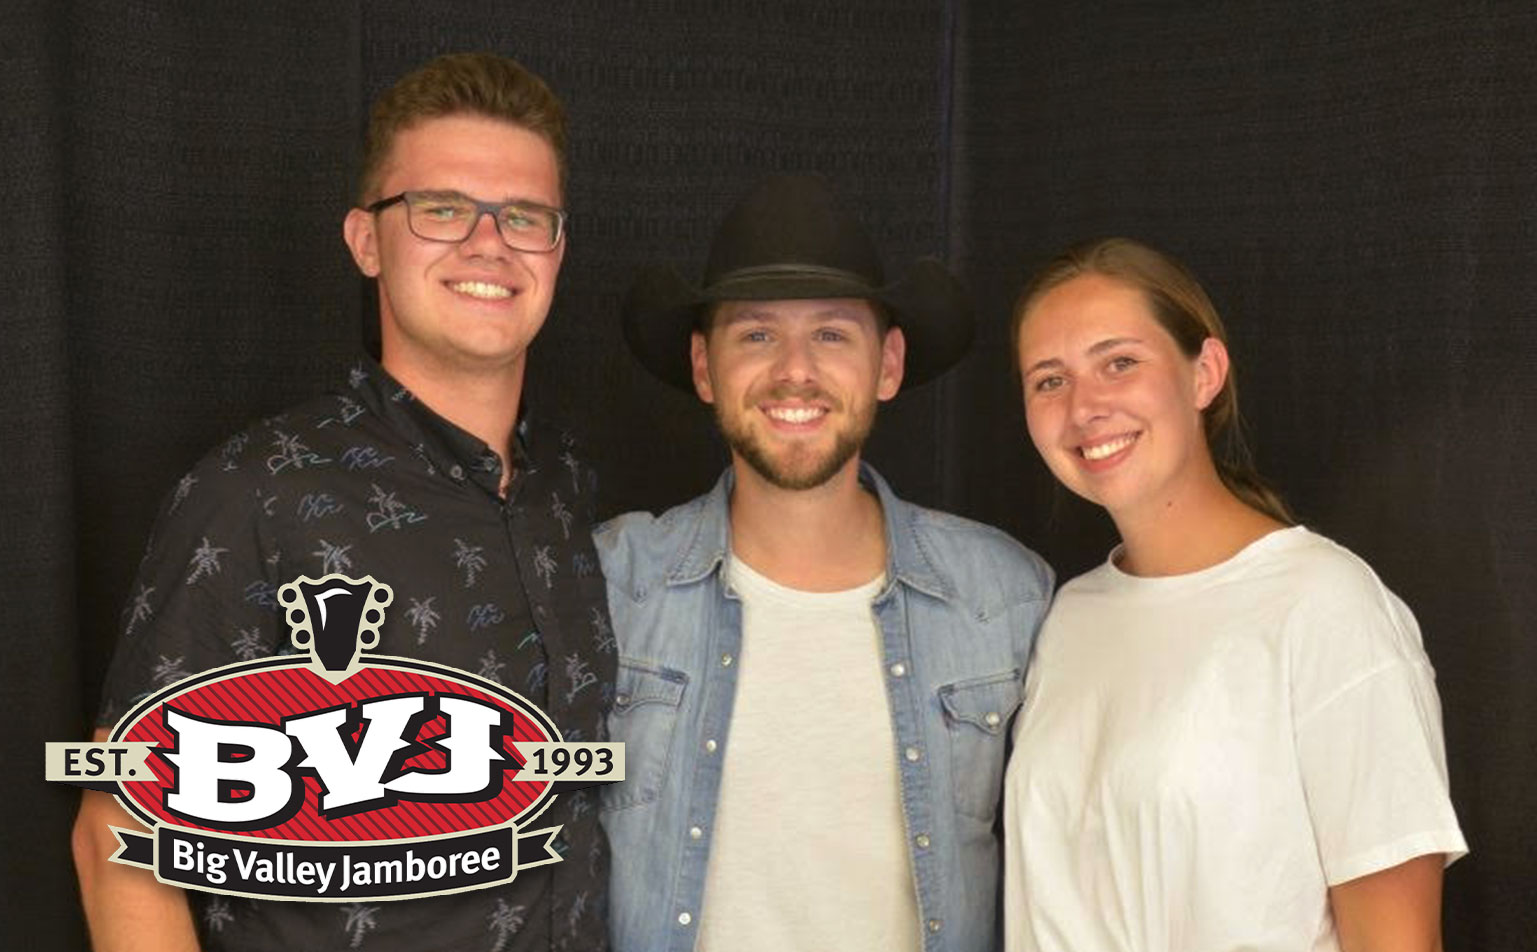 Spotlight: Big Valley Jamboree SLN Access Winner, Kyle C.